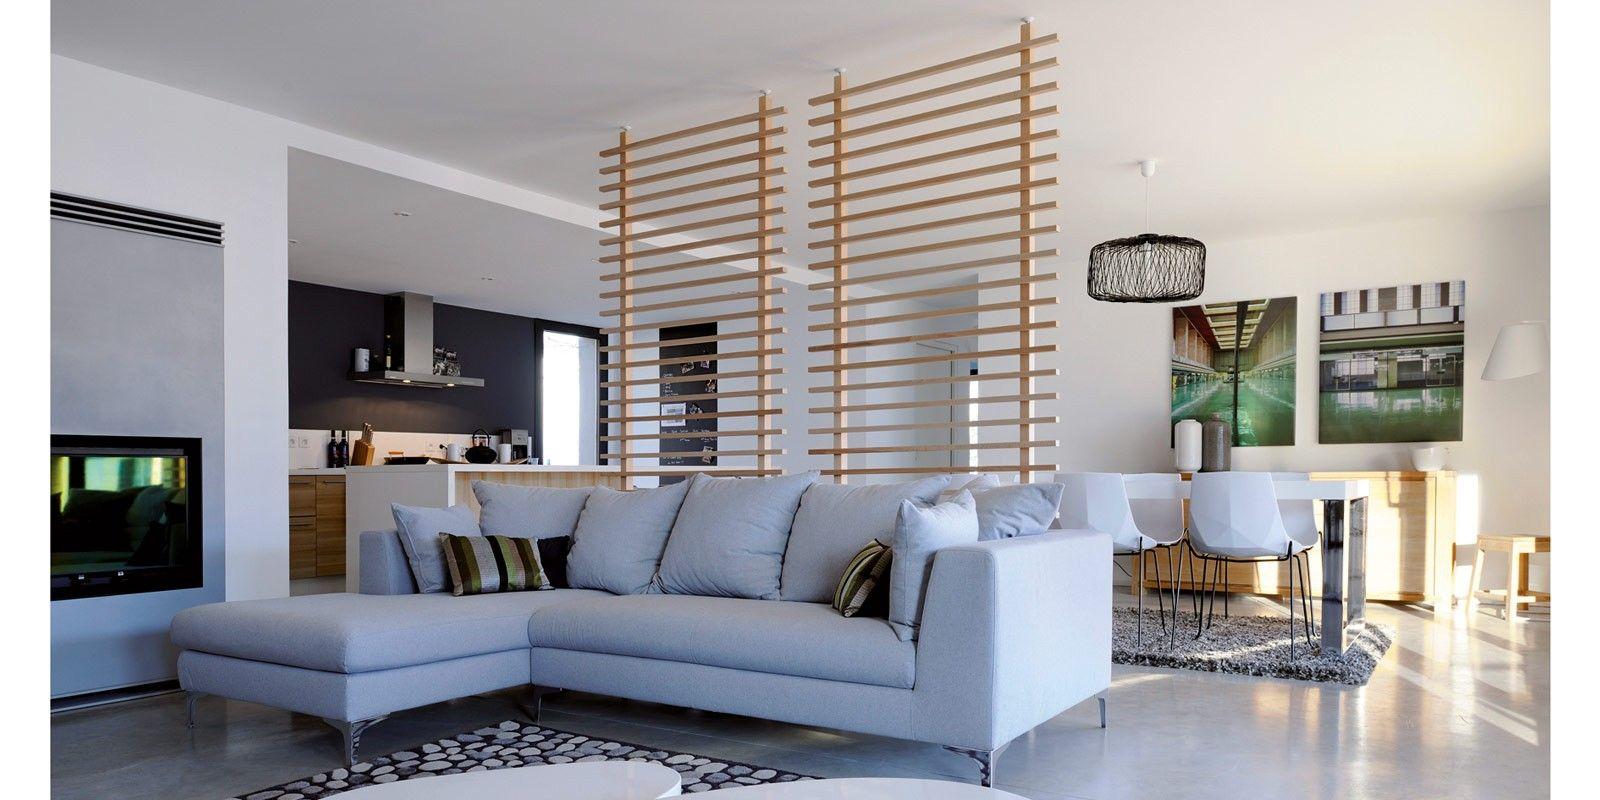 Parete divisoria di leroy merlin pareti divisorie for Mobilia letti contenitore